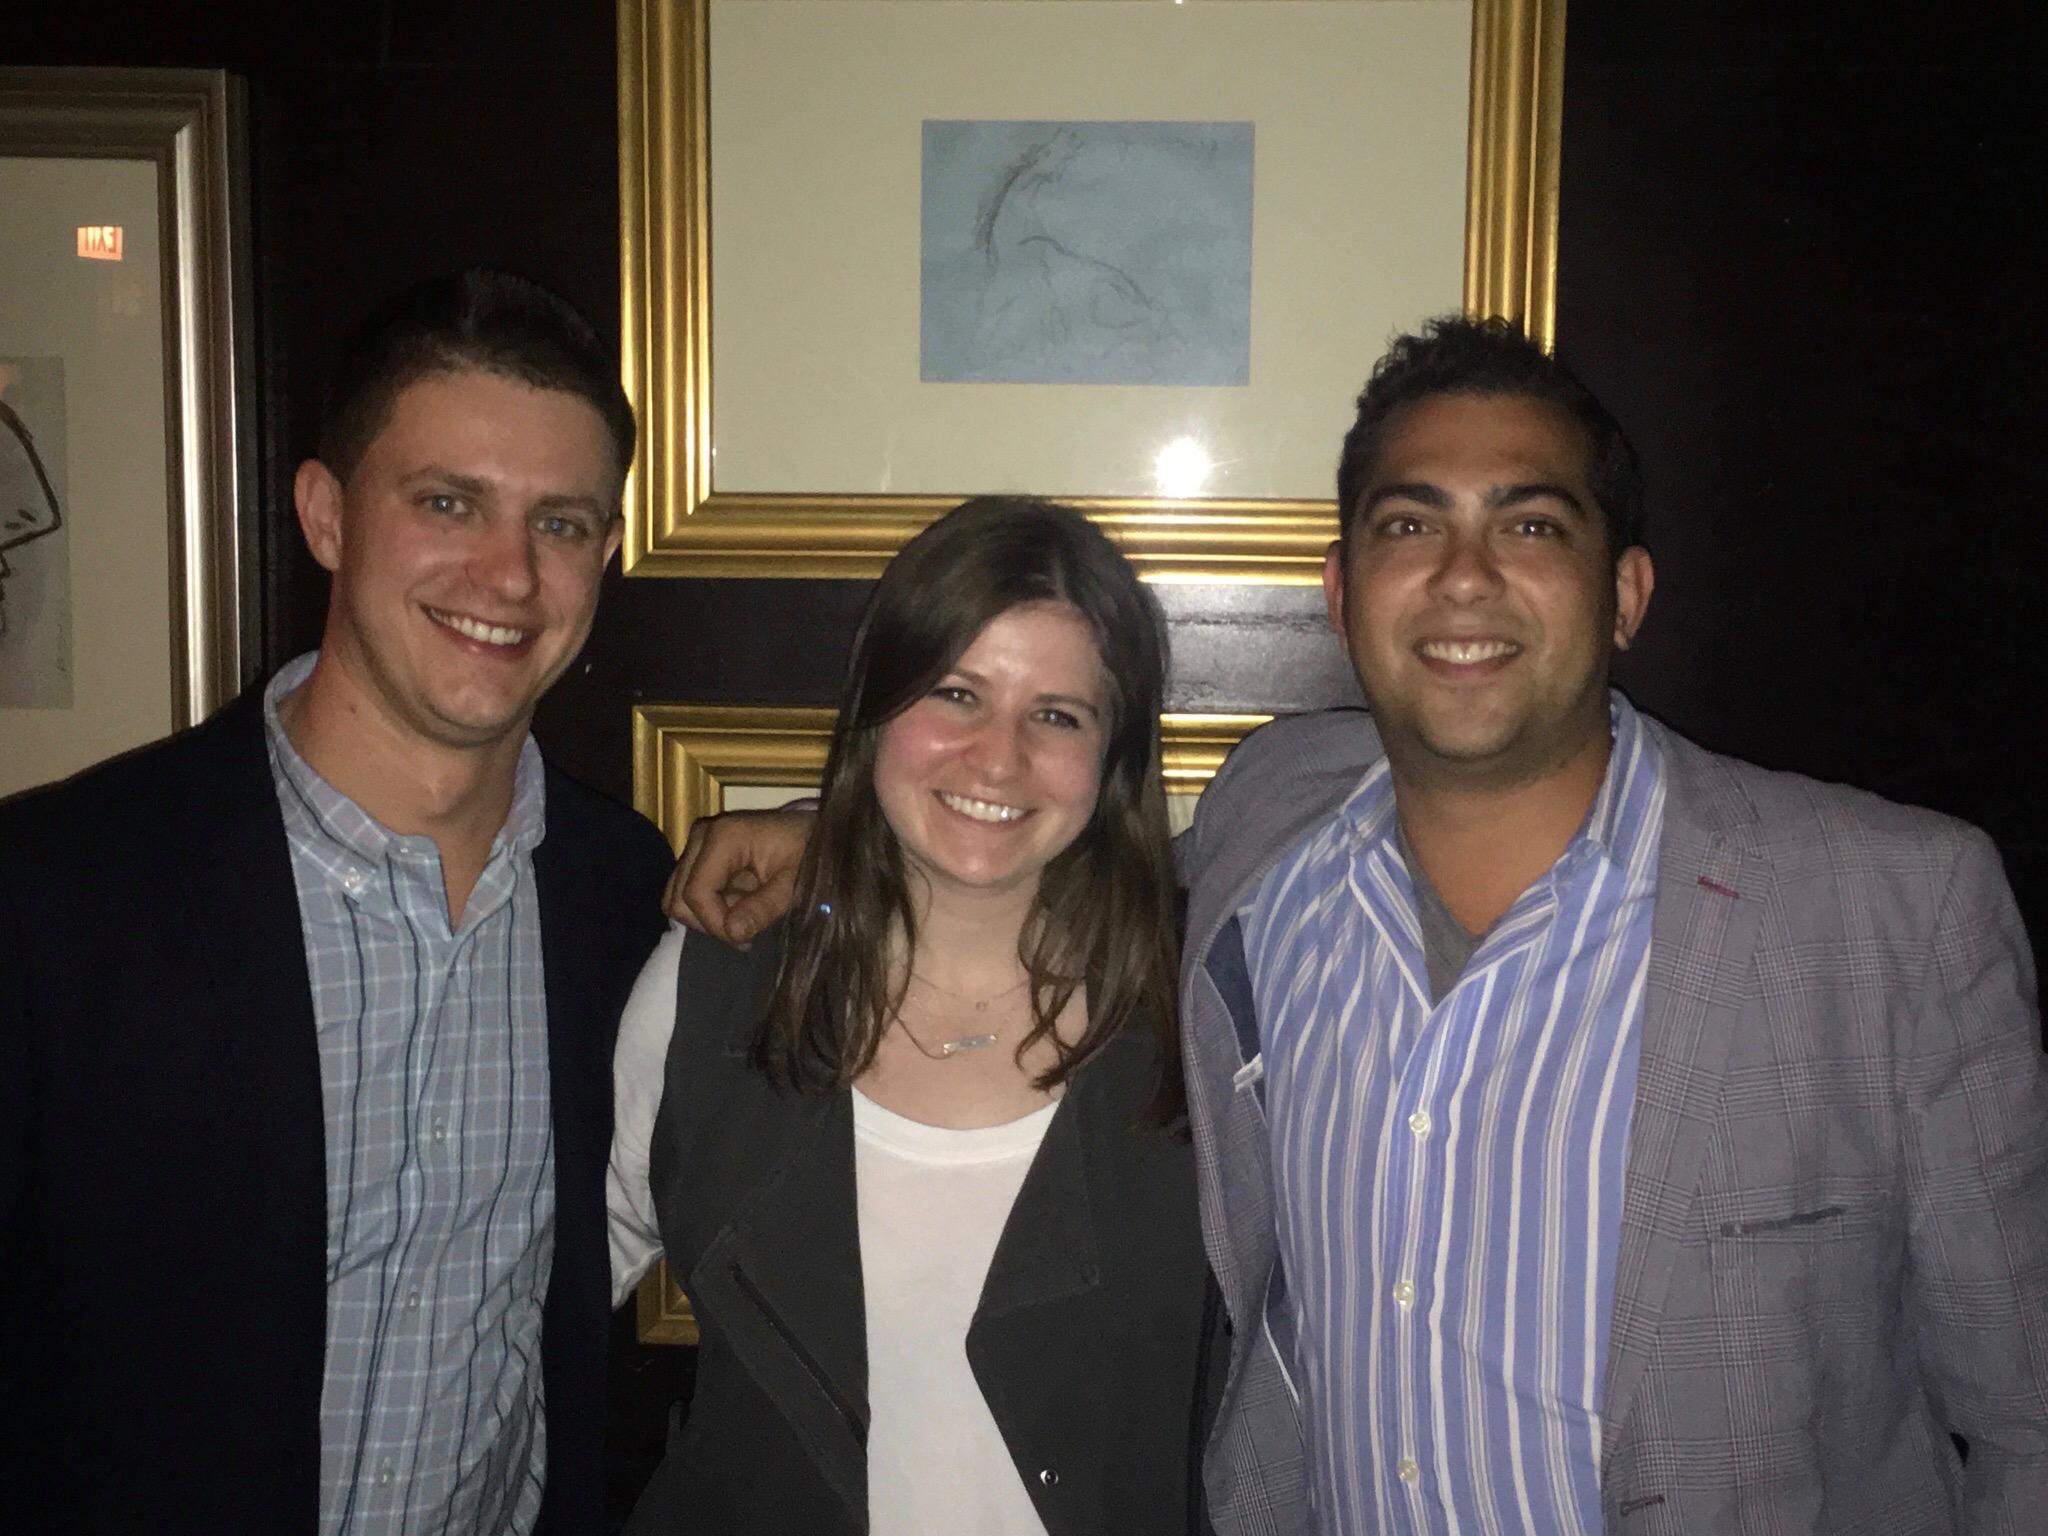 Maddy_Kaplan_and_Tiesta_Tea_founders.jpg